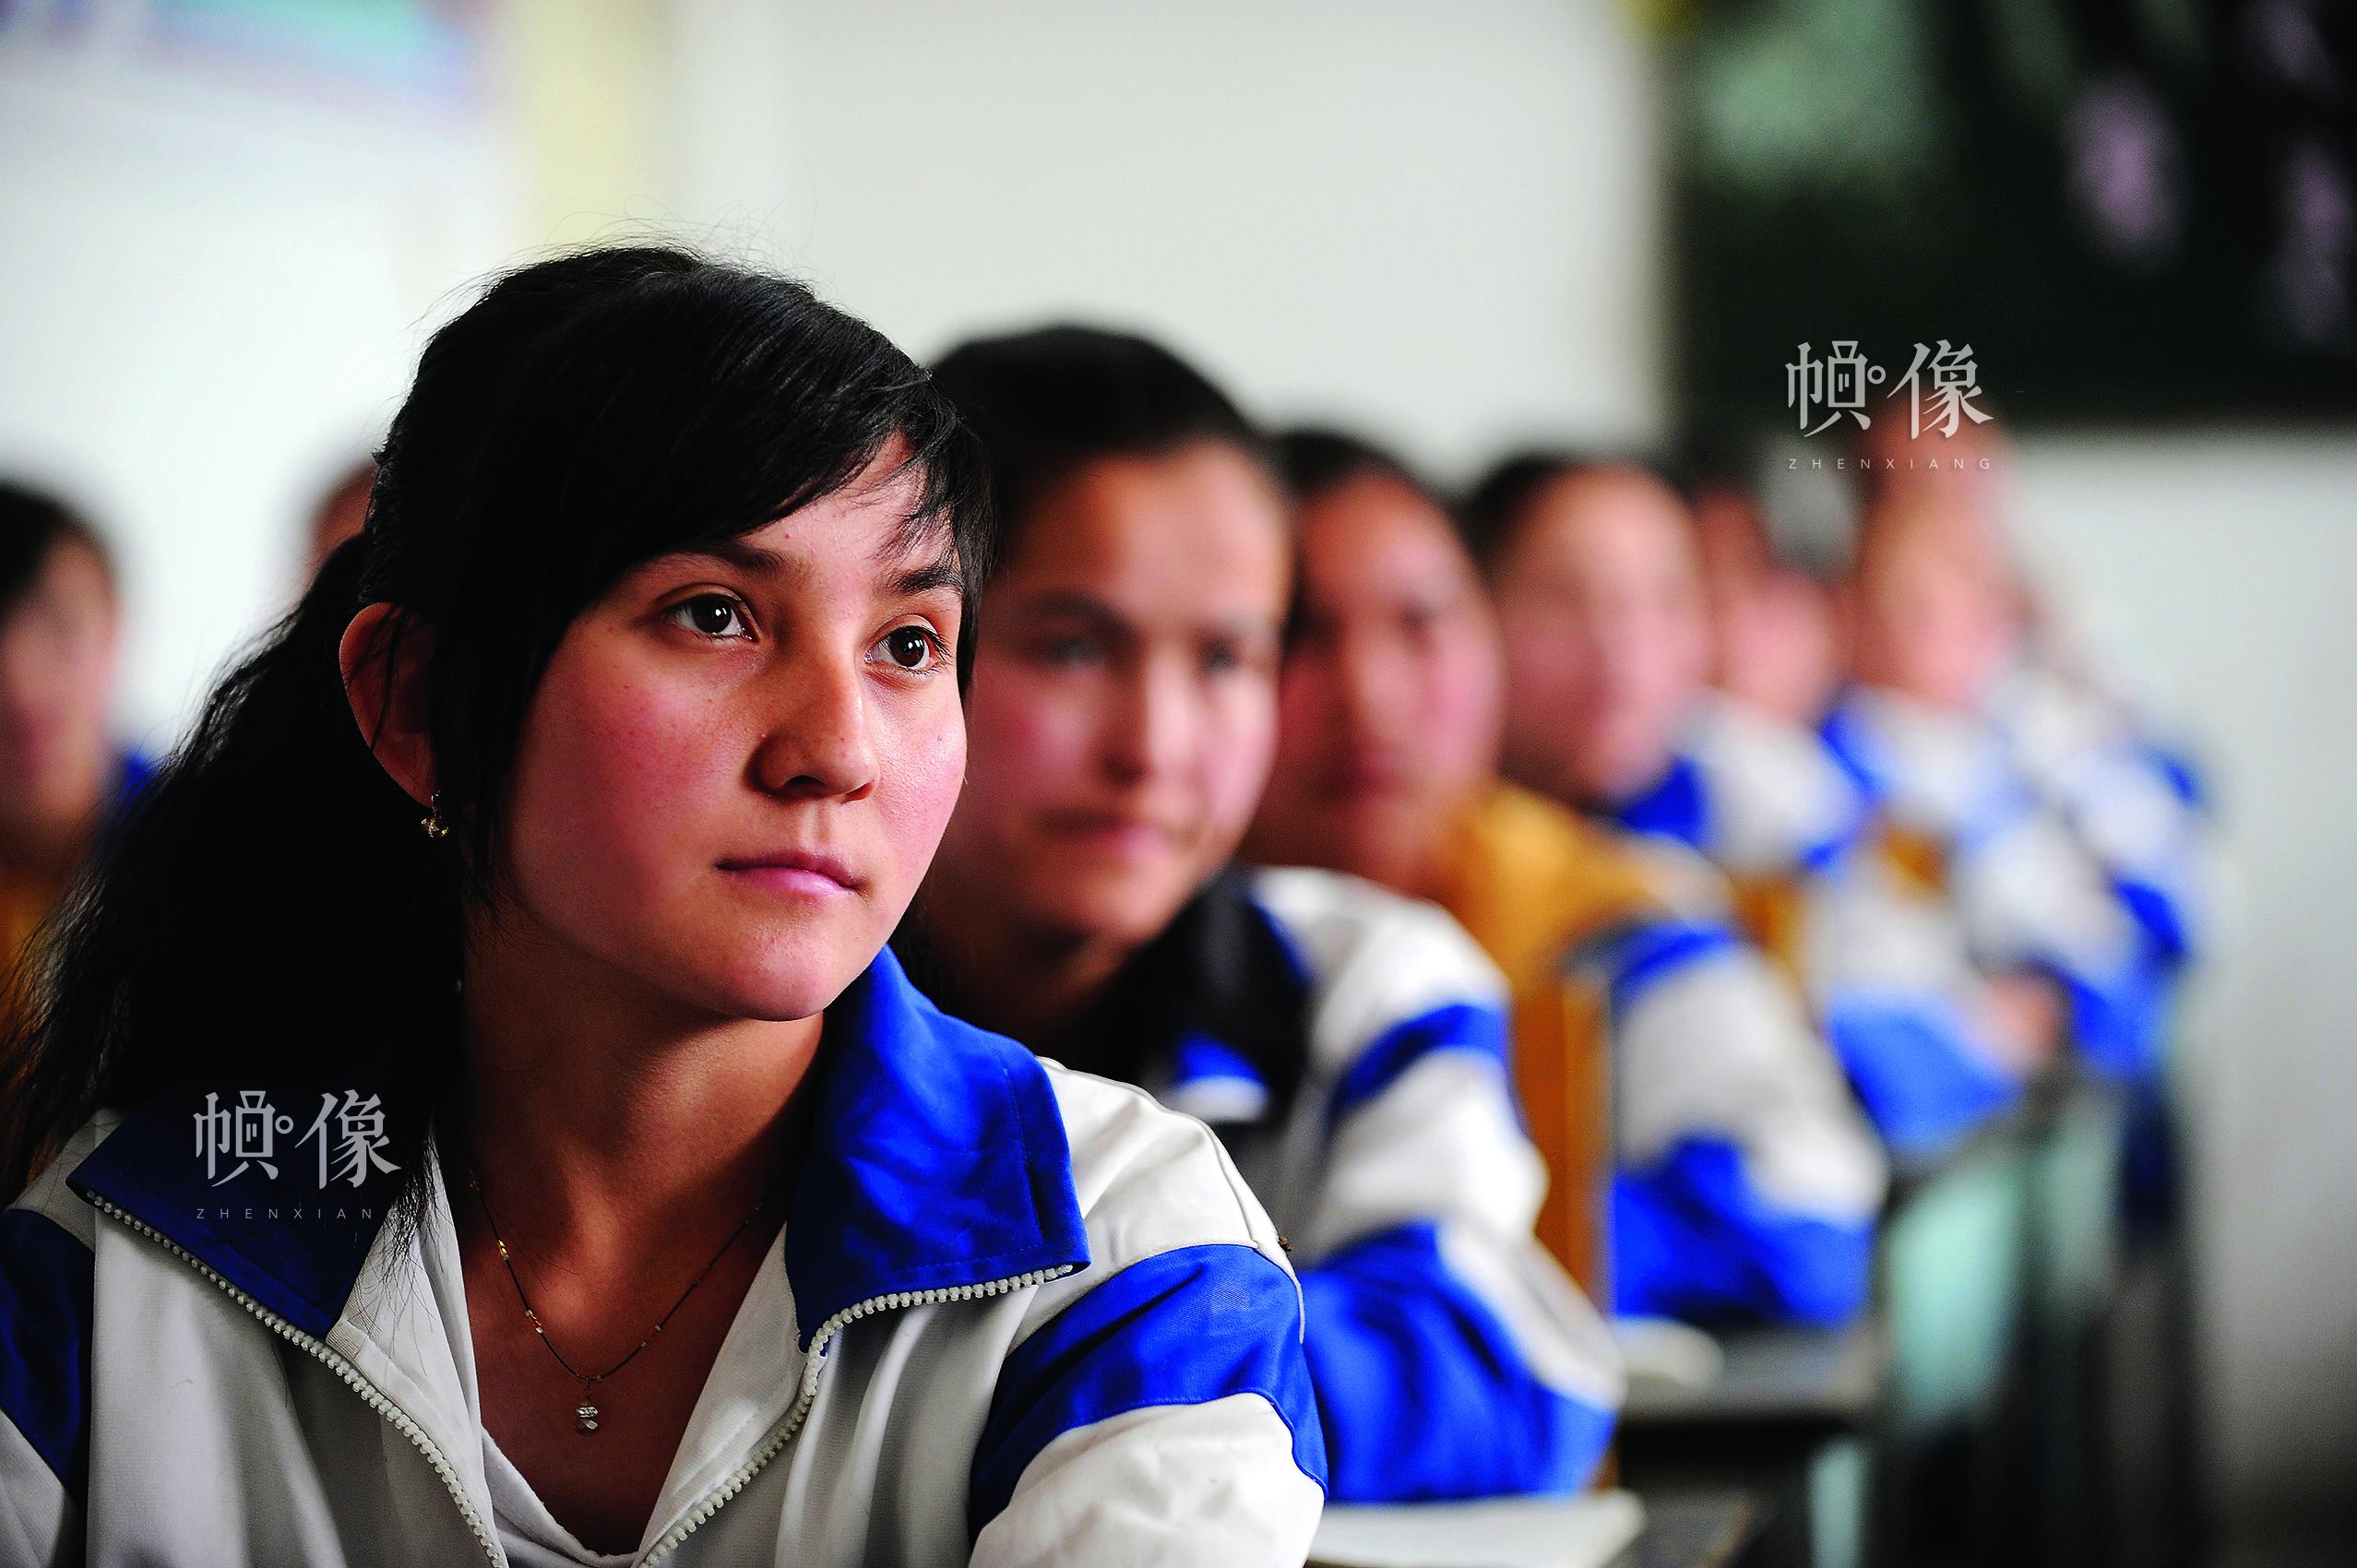 新疆自治区和田一中春蕾高中班,40名少数民族春蕾生正在孜孜不倦地学习。中国儿基会供图